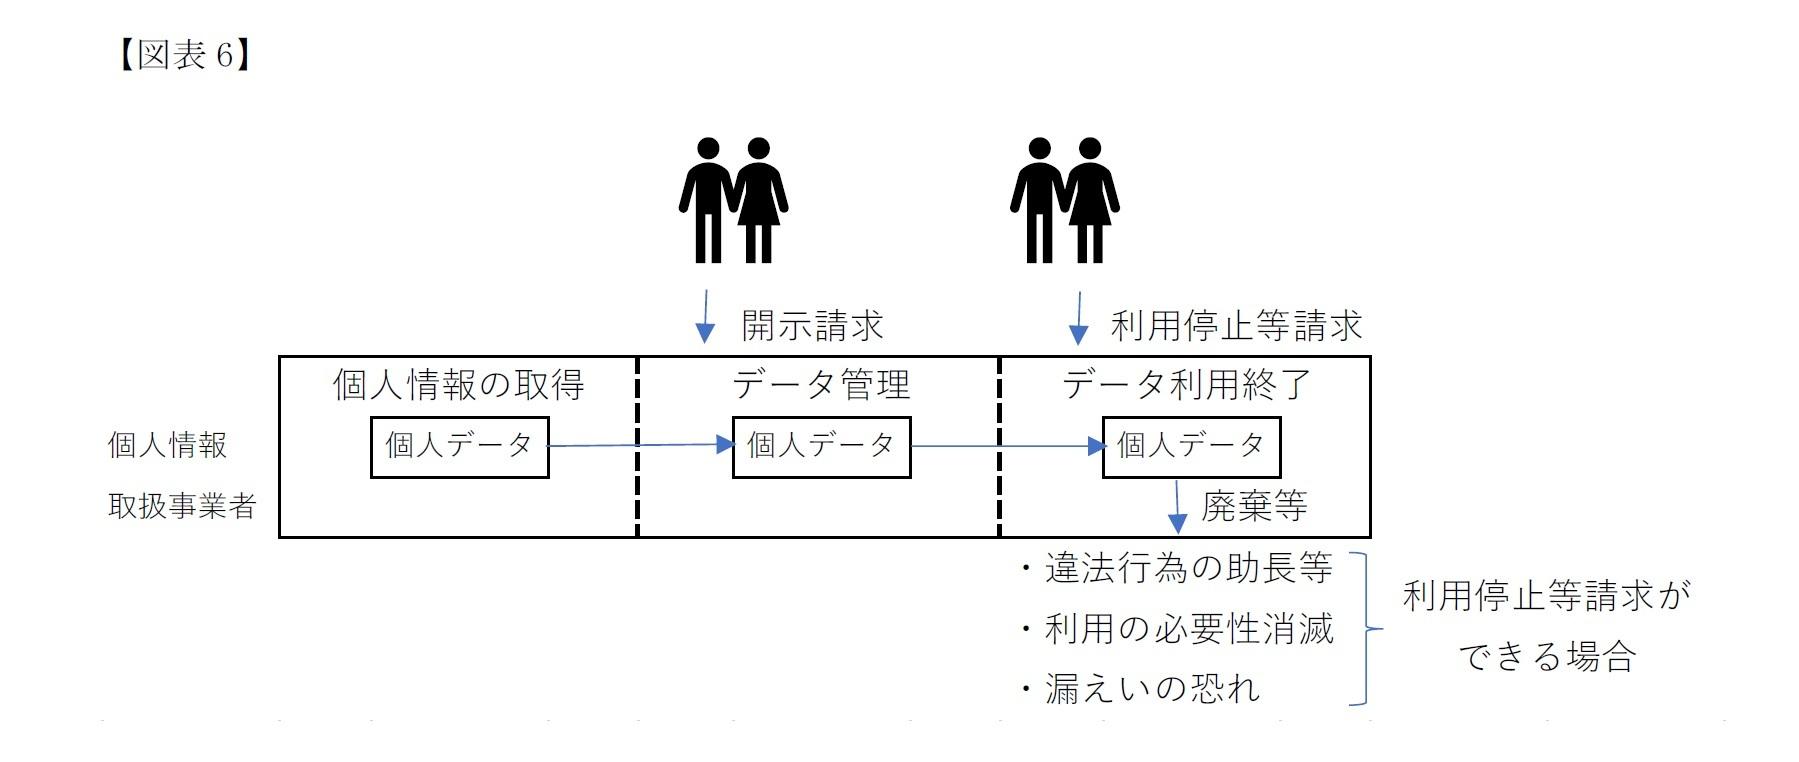 (図表6)開示請求をはじめとする本人権利の強化